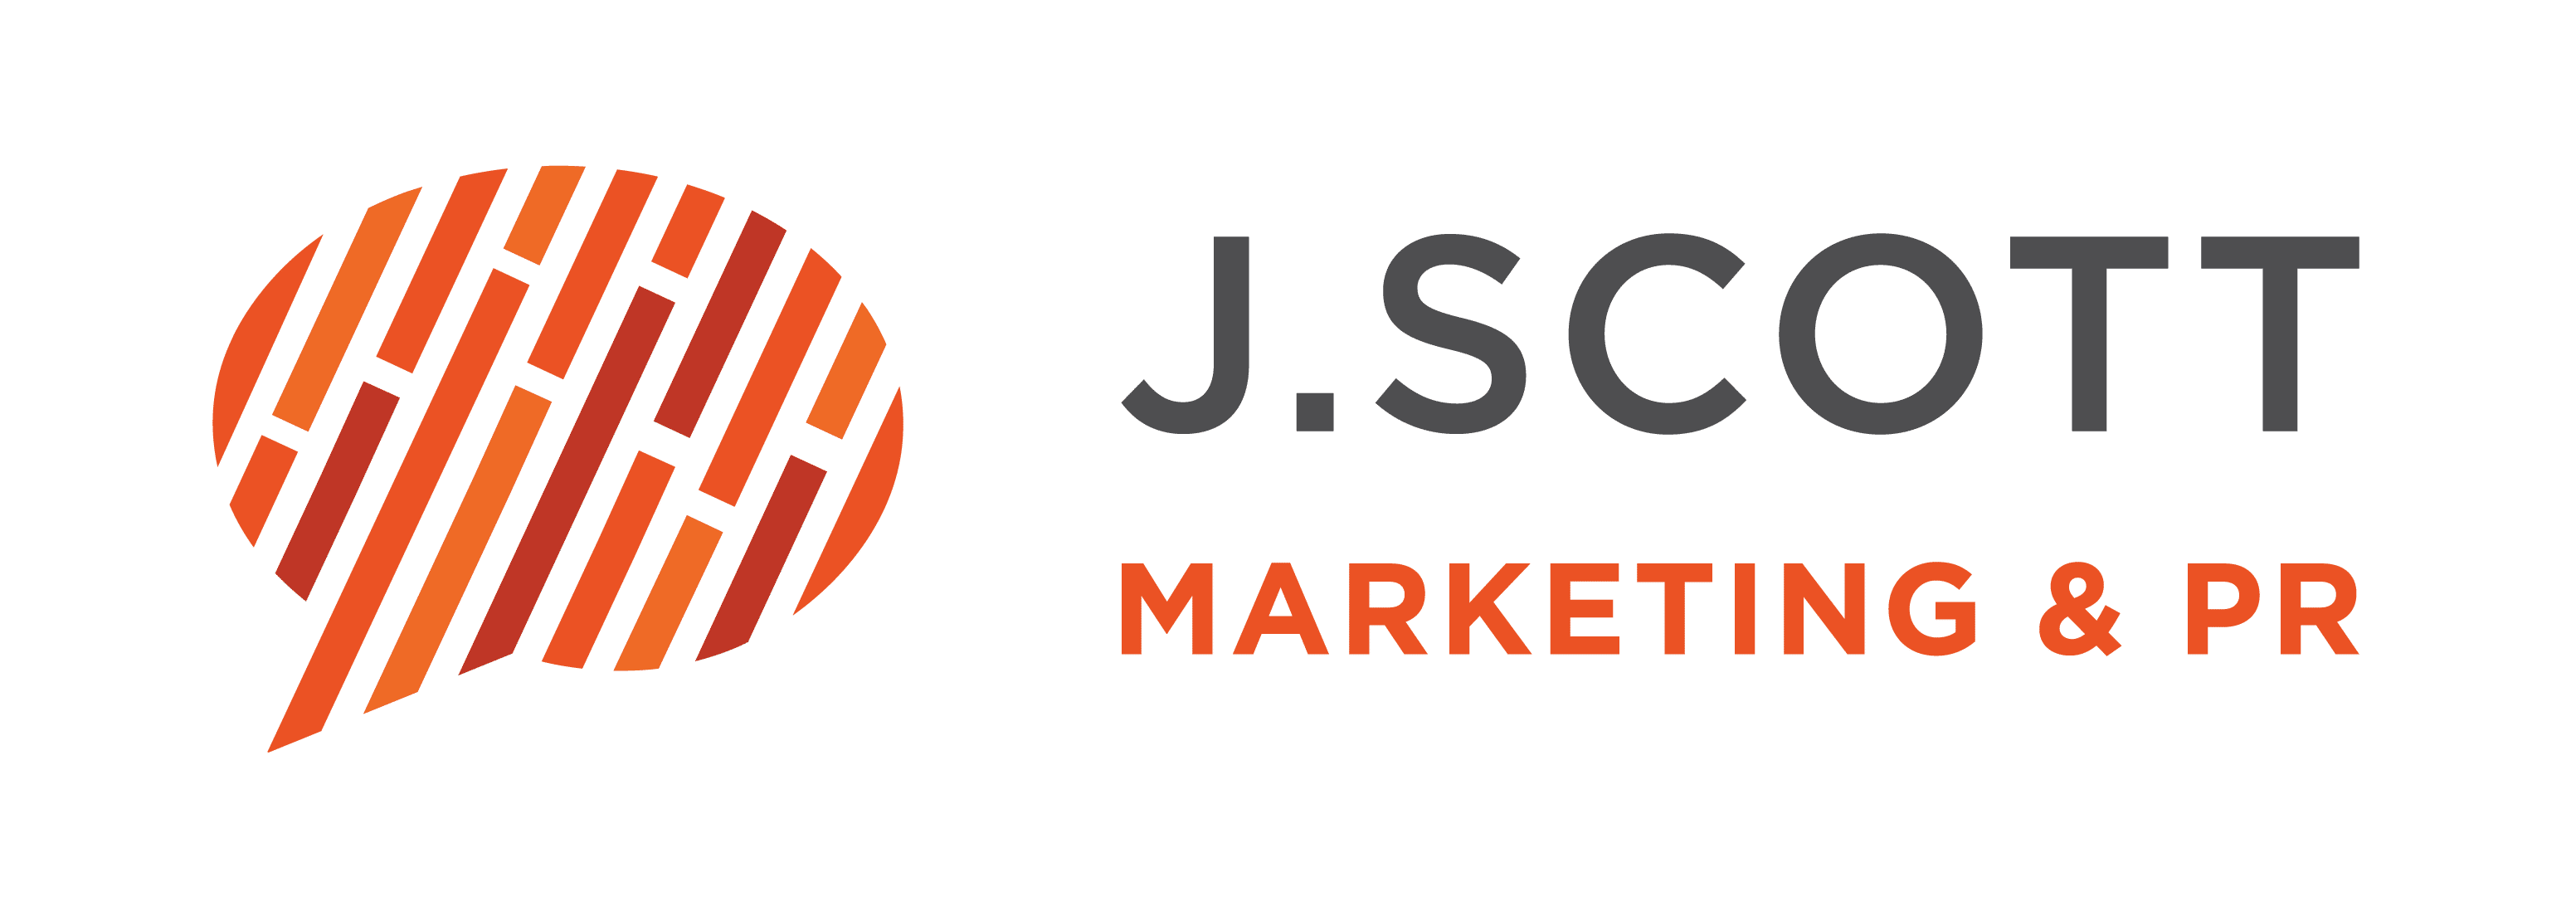 logo: JScott after